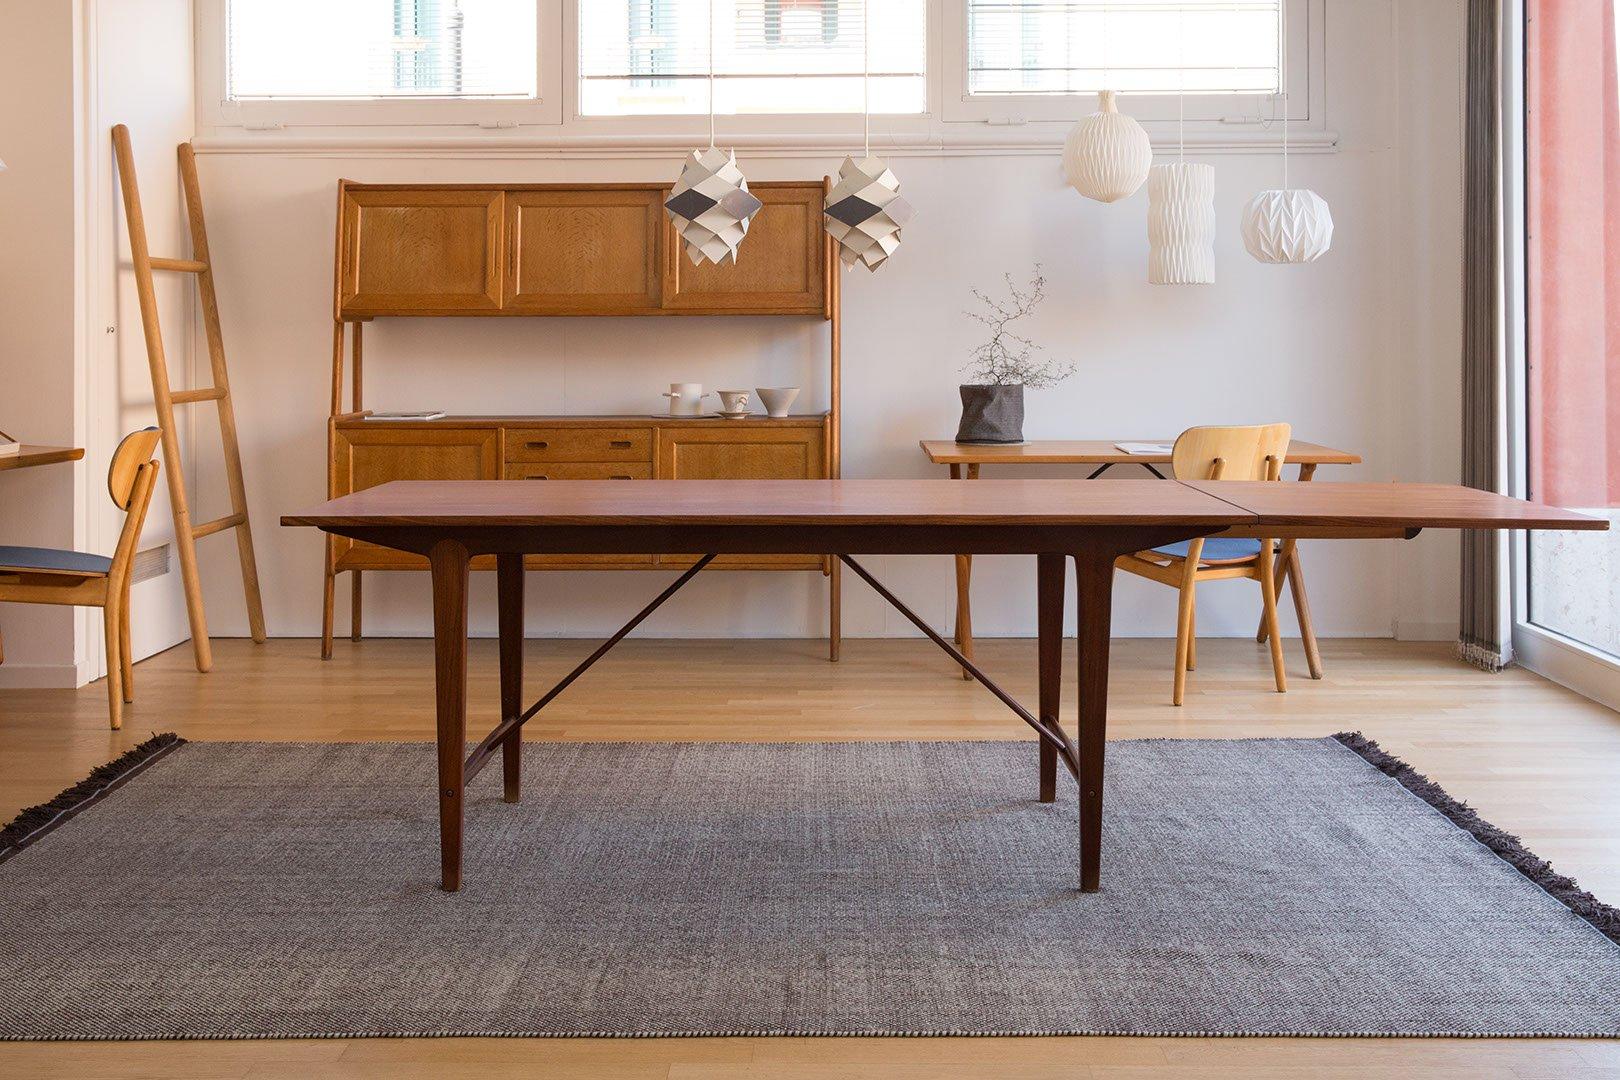 Dänischer Ausziehbarer Vintage Esstisch